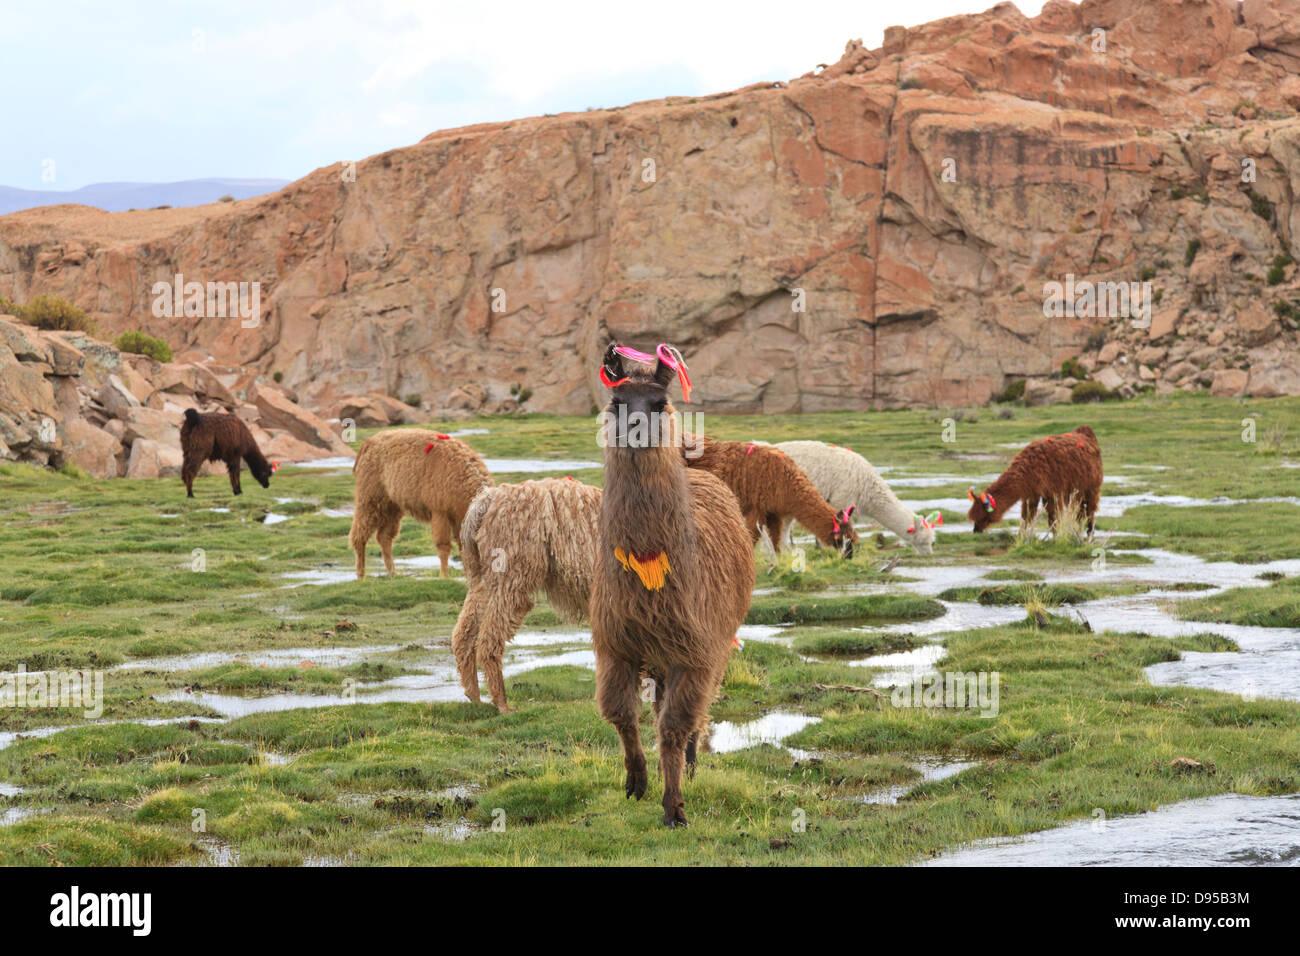 LLama, Salt Flat Tours, Altiplano, Southwest Bolivia - Stock Image